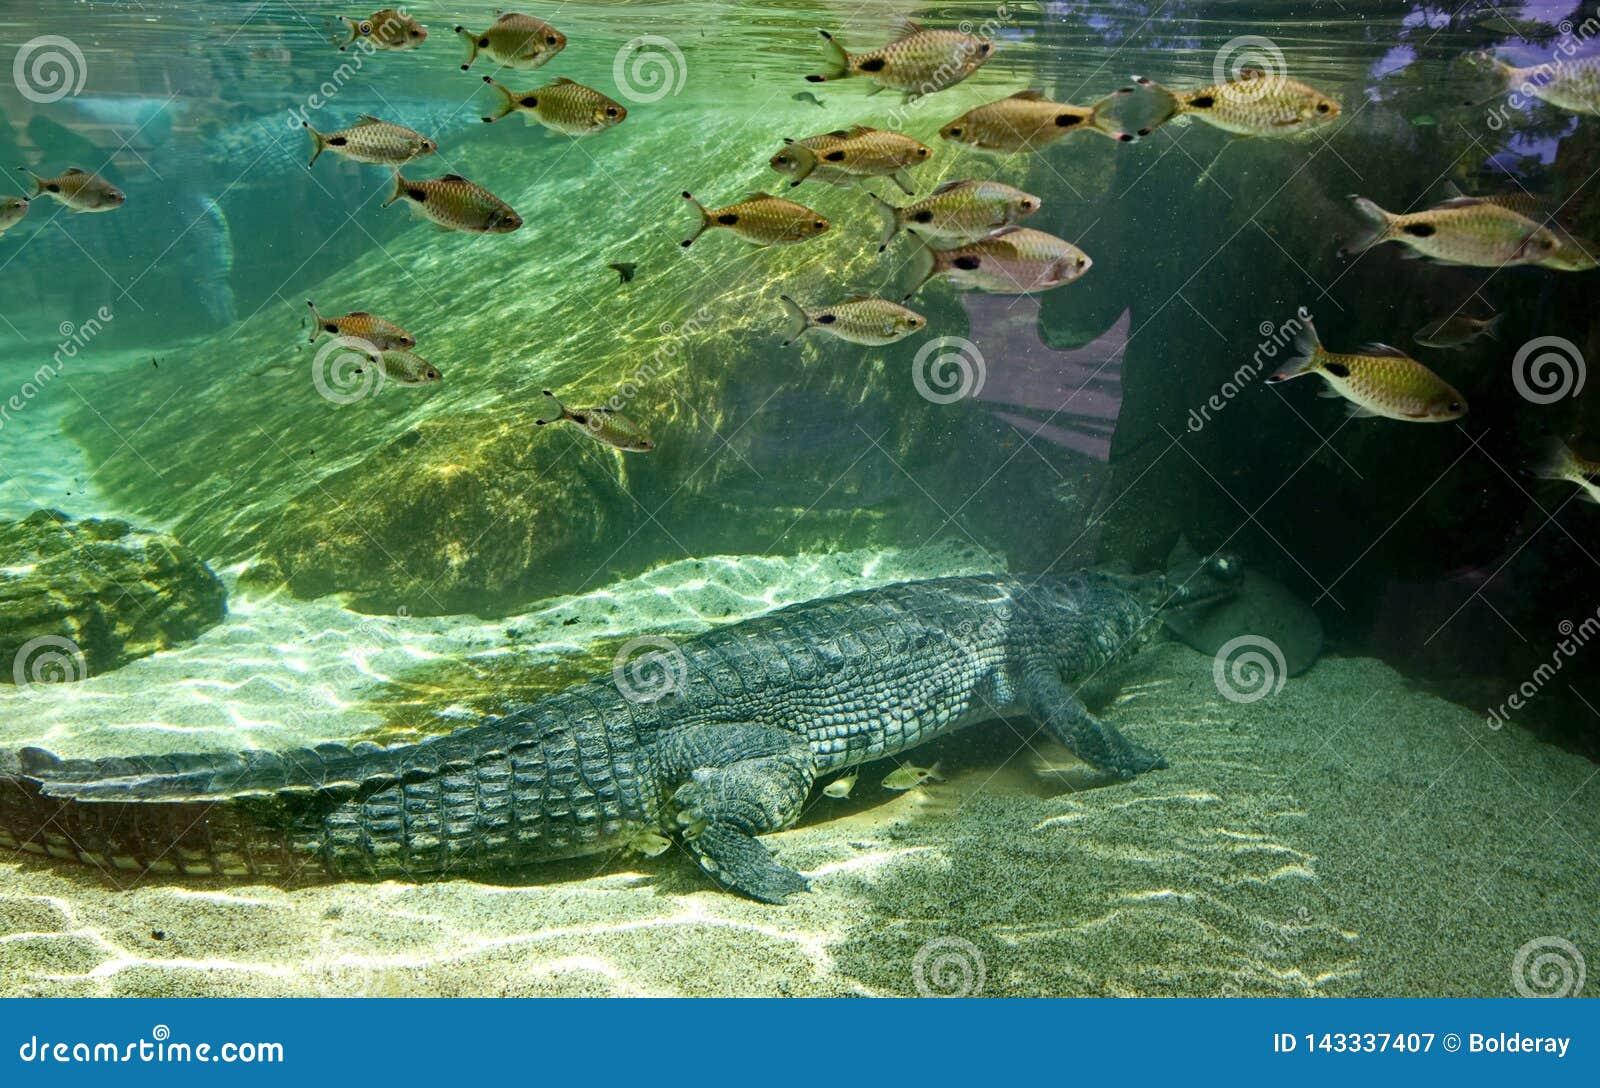 Schlegelii gharial rocodile do Tomistoma do ¡ de Ð O focinho estreito que é mais longo do que a largura na base é 3-4 5 vezes